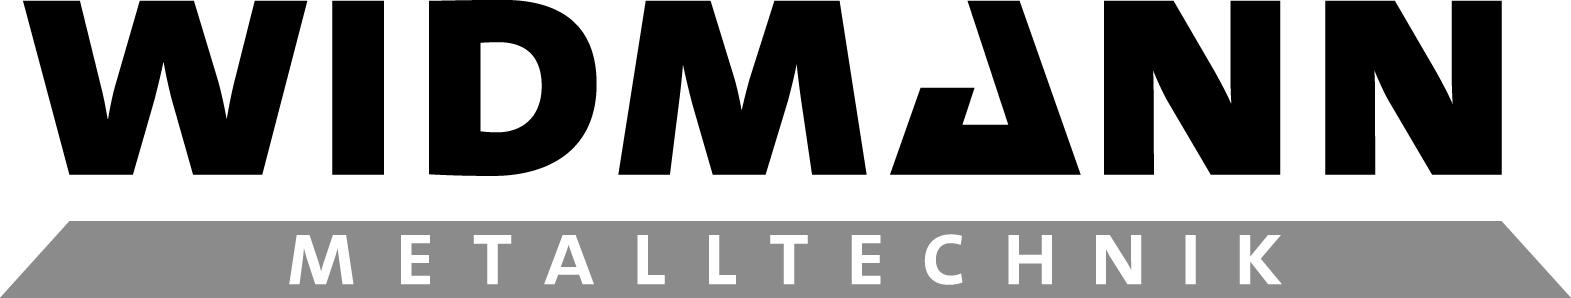 widmann-metalltechnik